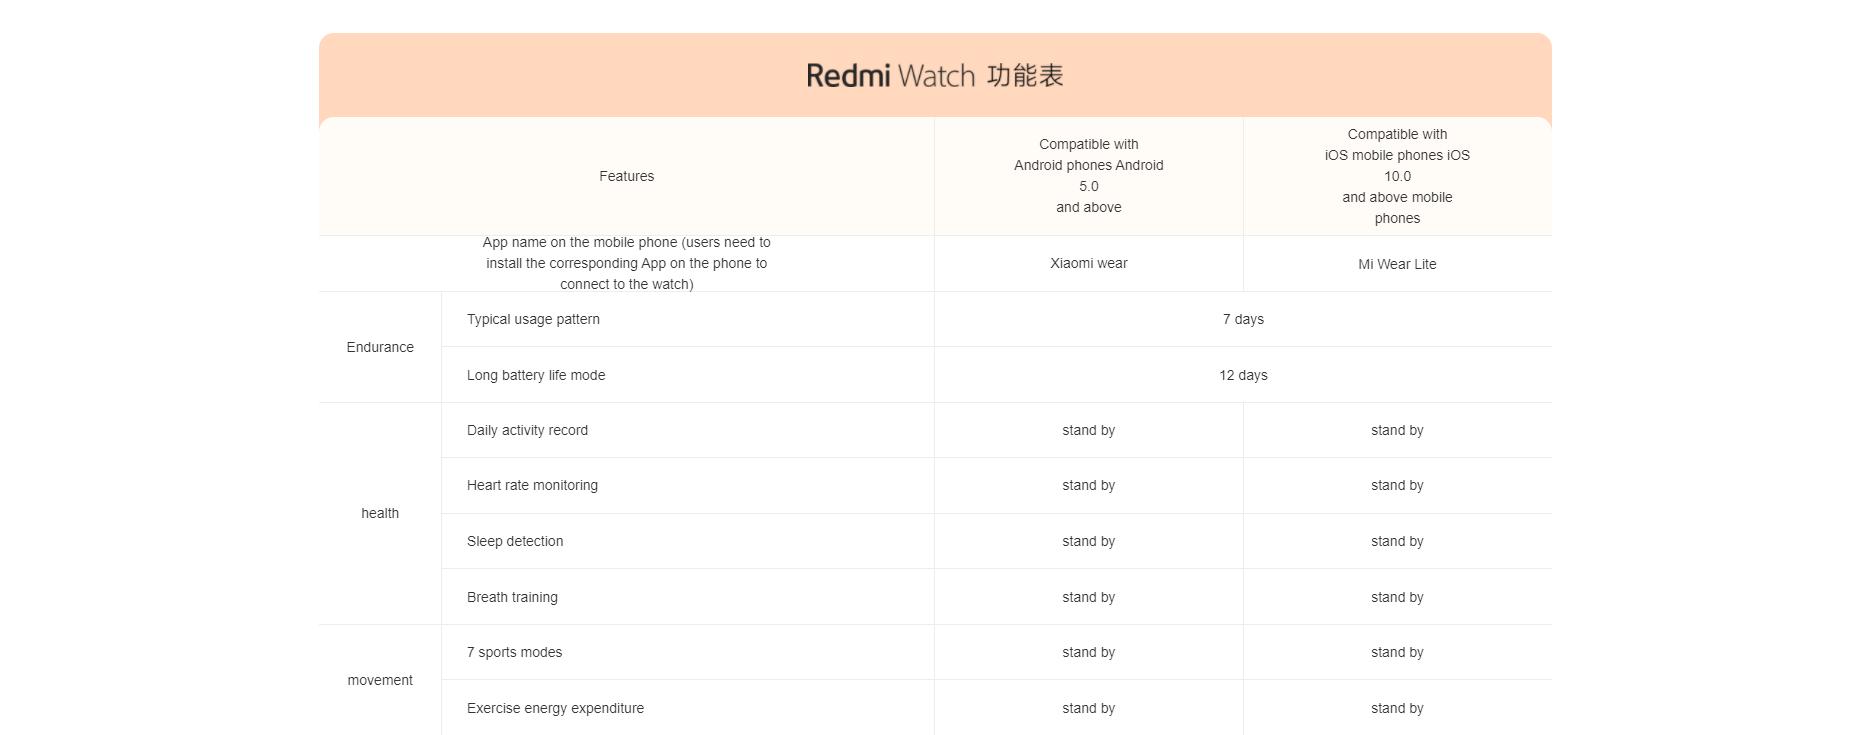 Readmi Watch